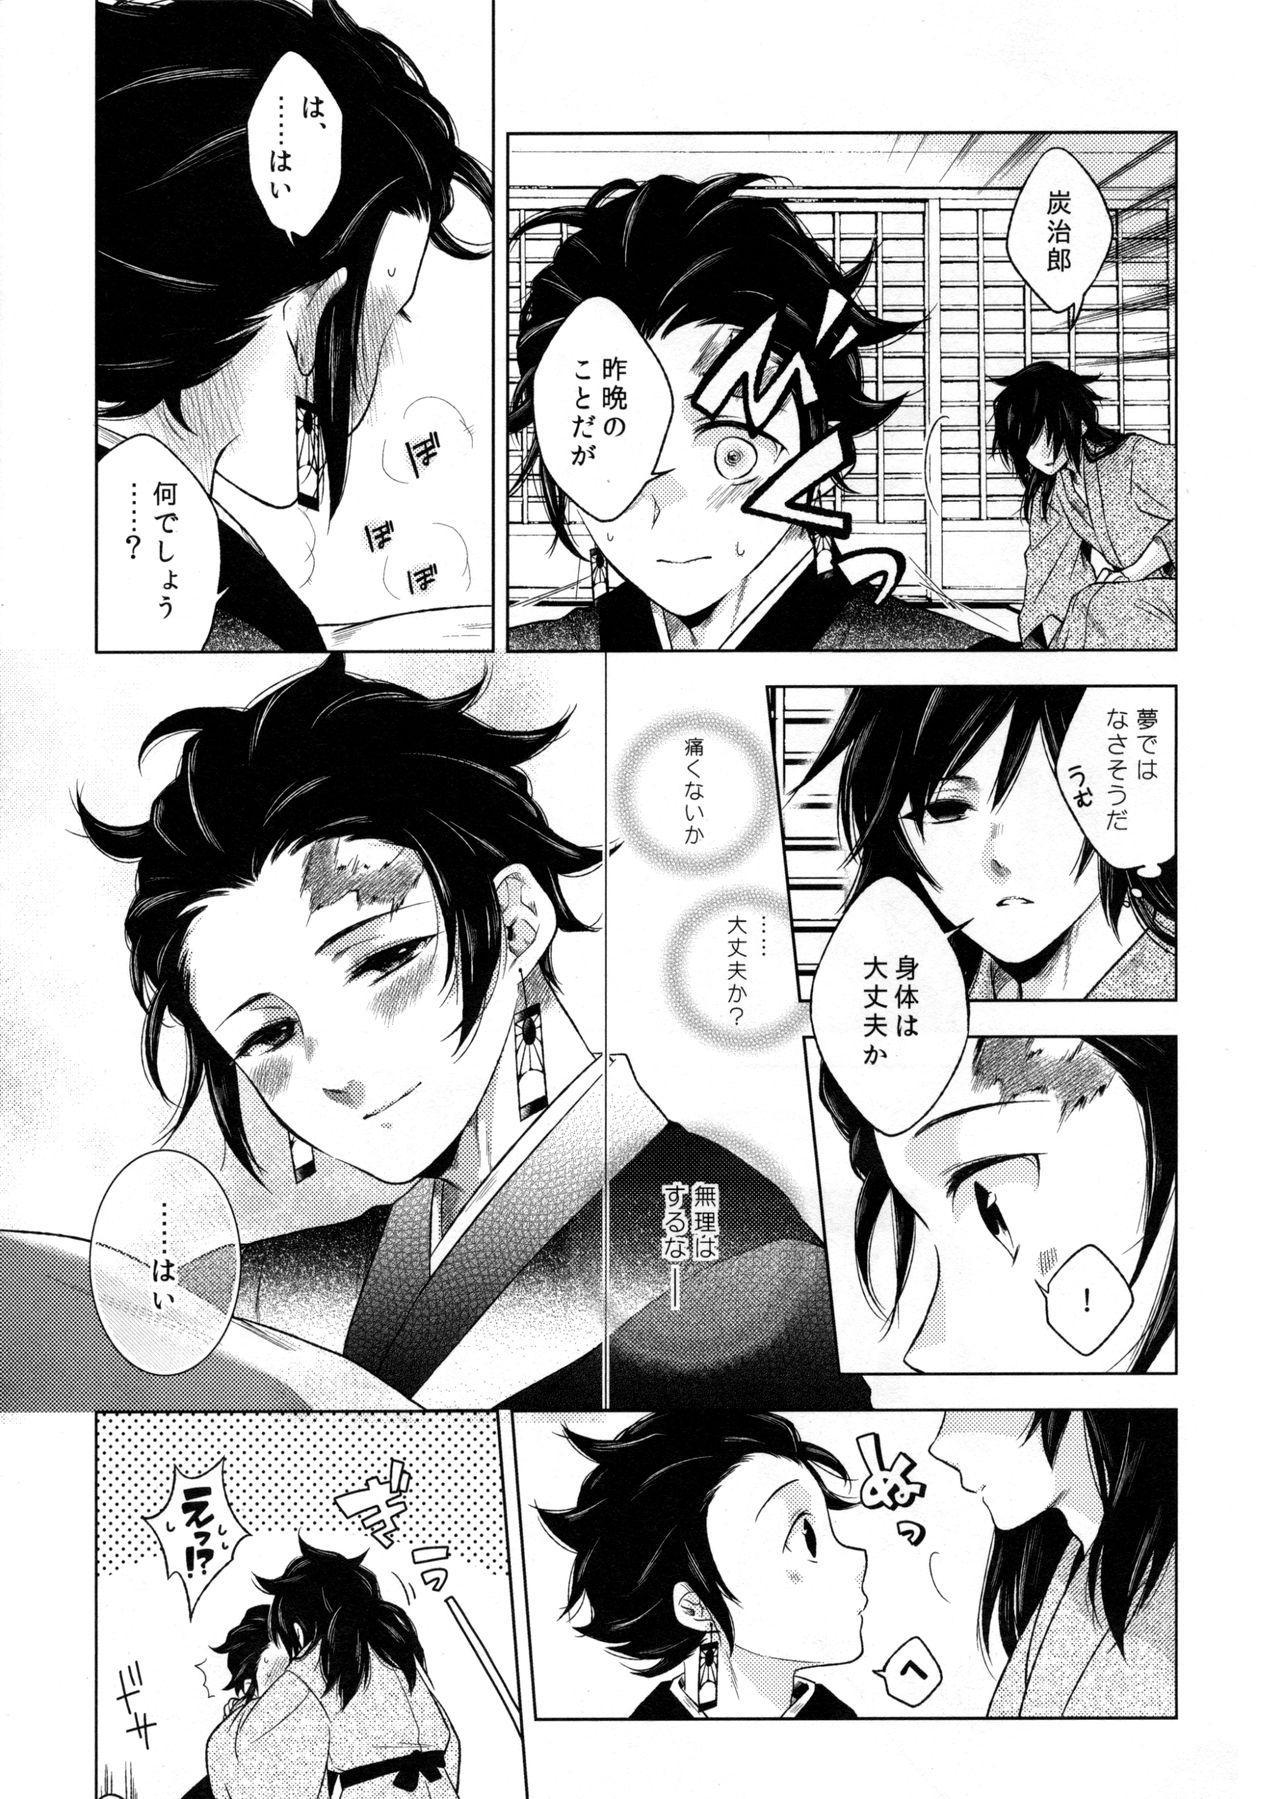 Sonzai suru Ningen no Kodoku to, Sonzai shinai Eien 37